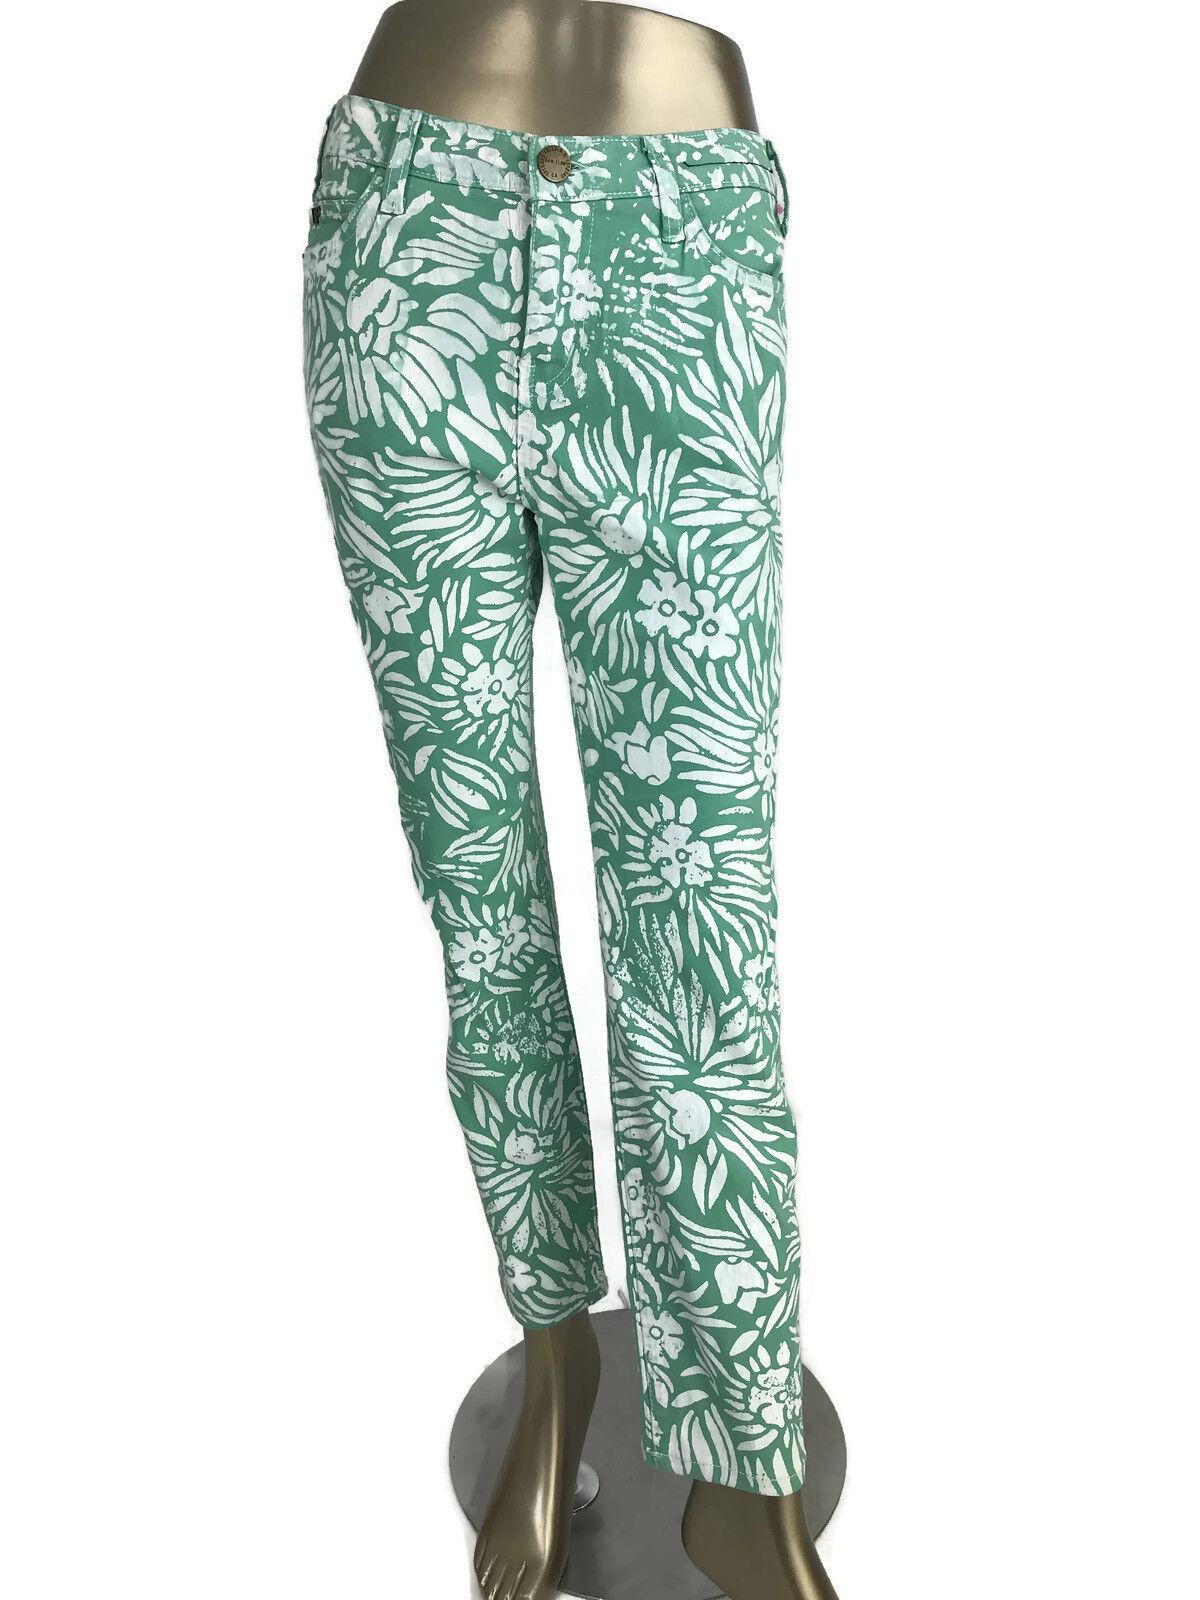 DVF For Current Elliott Jeans Mint Green White Pri